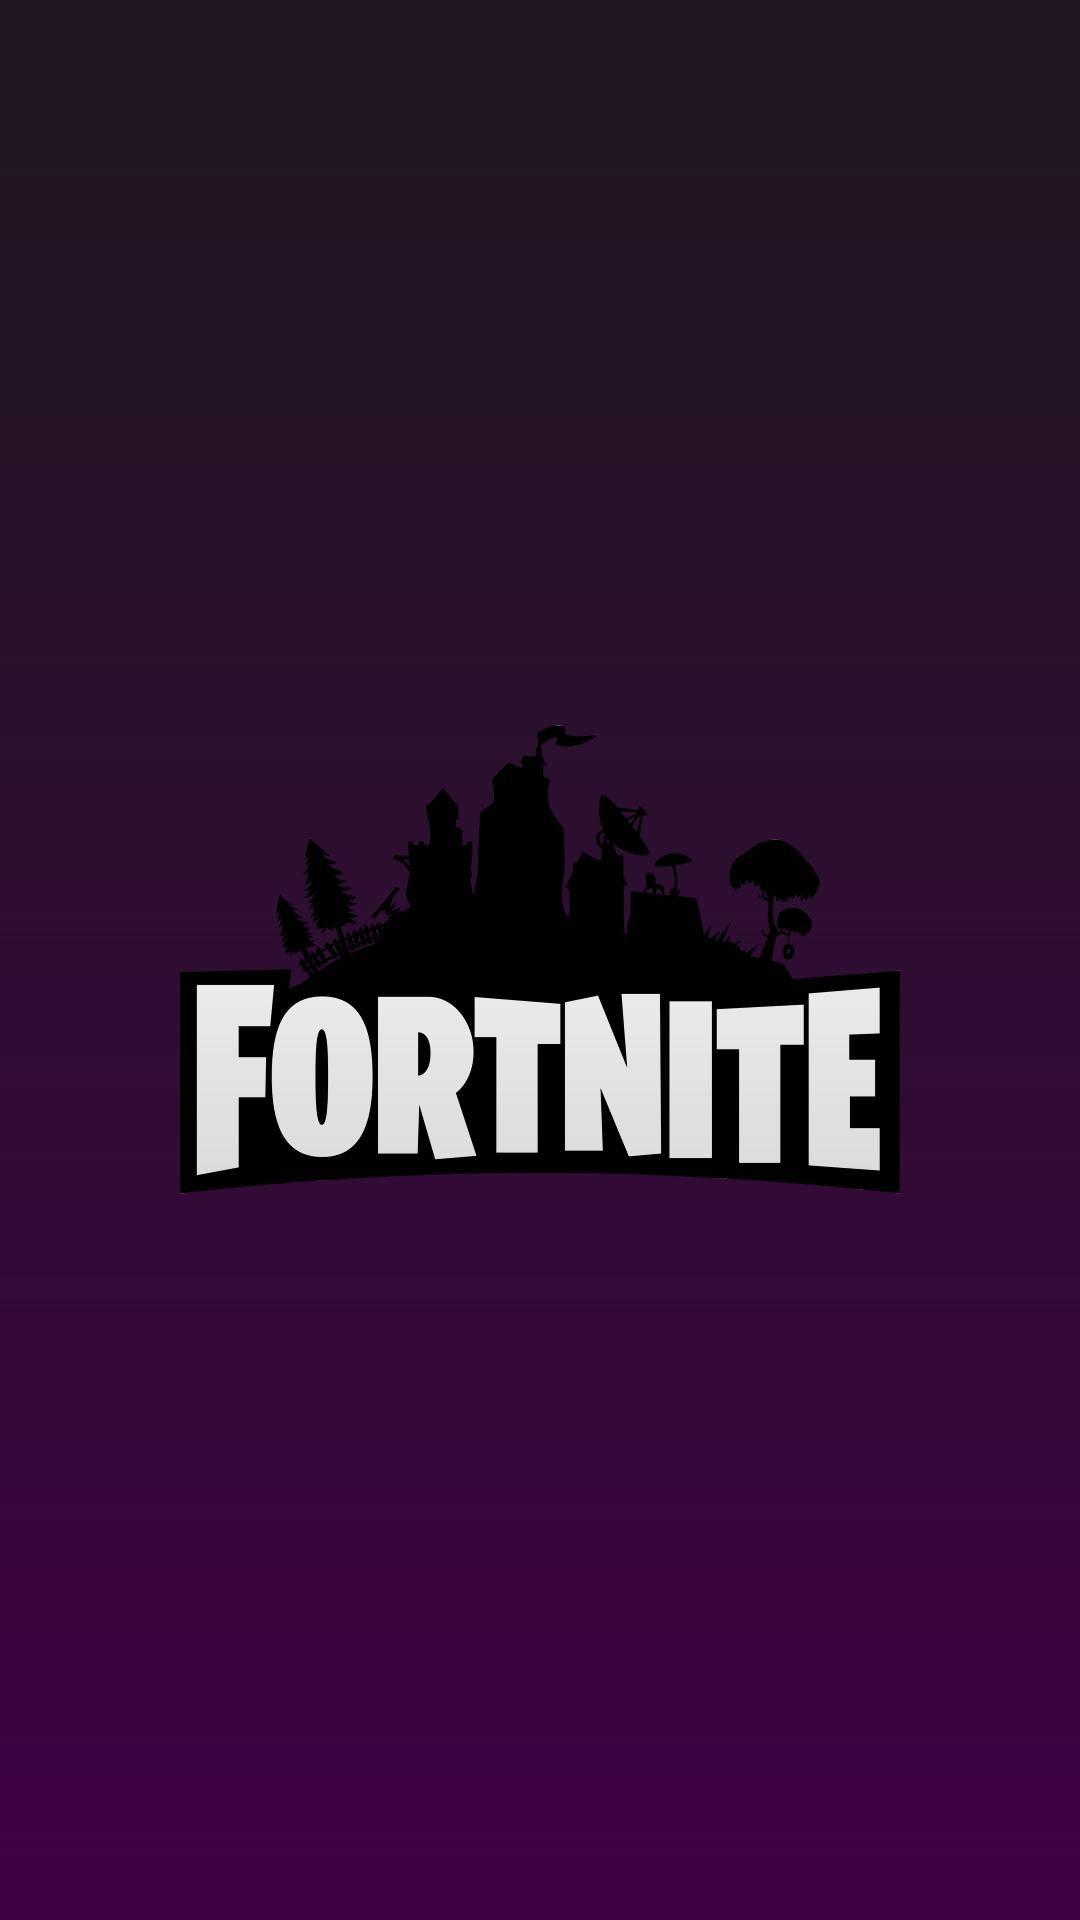 Fortnite 4k